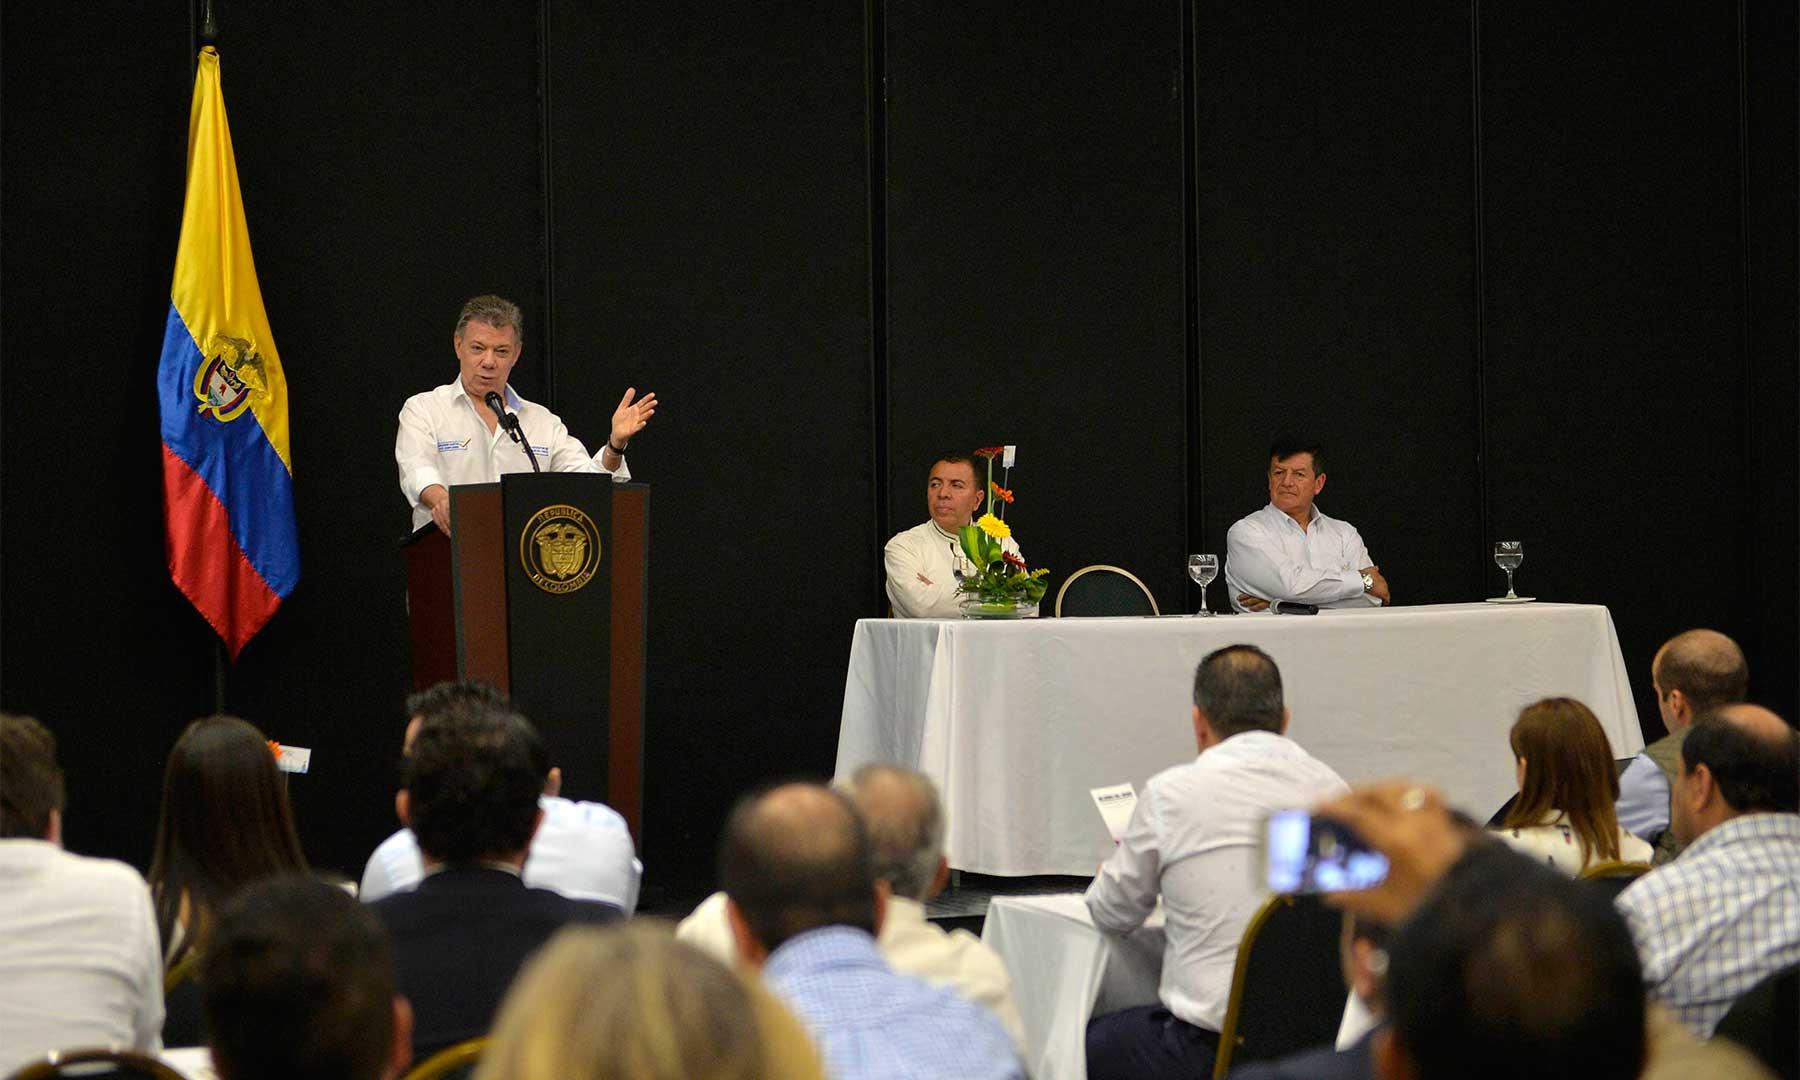 """El Presidente Santos recibió el apoyo de 210 organizaciones cristianas que congregan a 9 millones de personas, que anunciaron su acompañamiento al proceso de paz y su vinculación a la campaña """"Apagar Paga""""."""